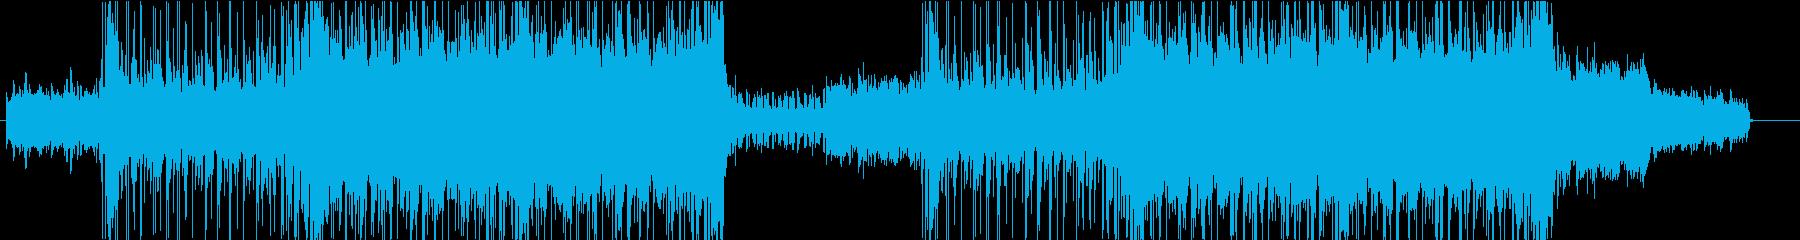 シンプルに盛り上がるダンスミュージックの再生済みの波形